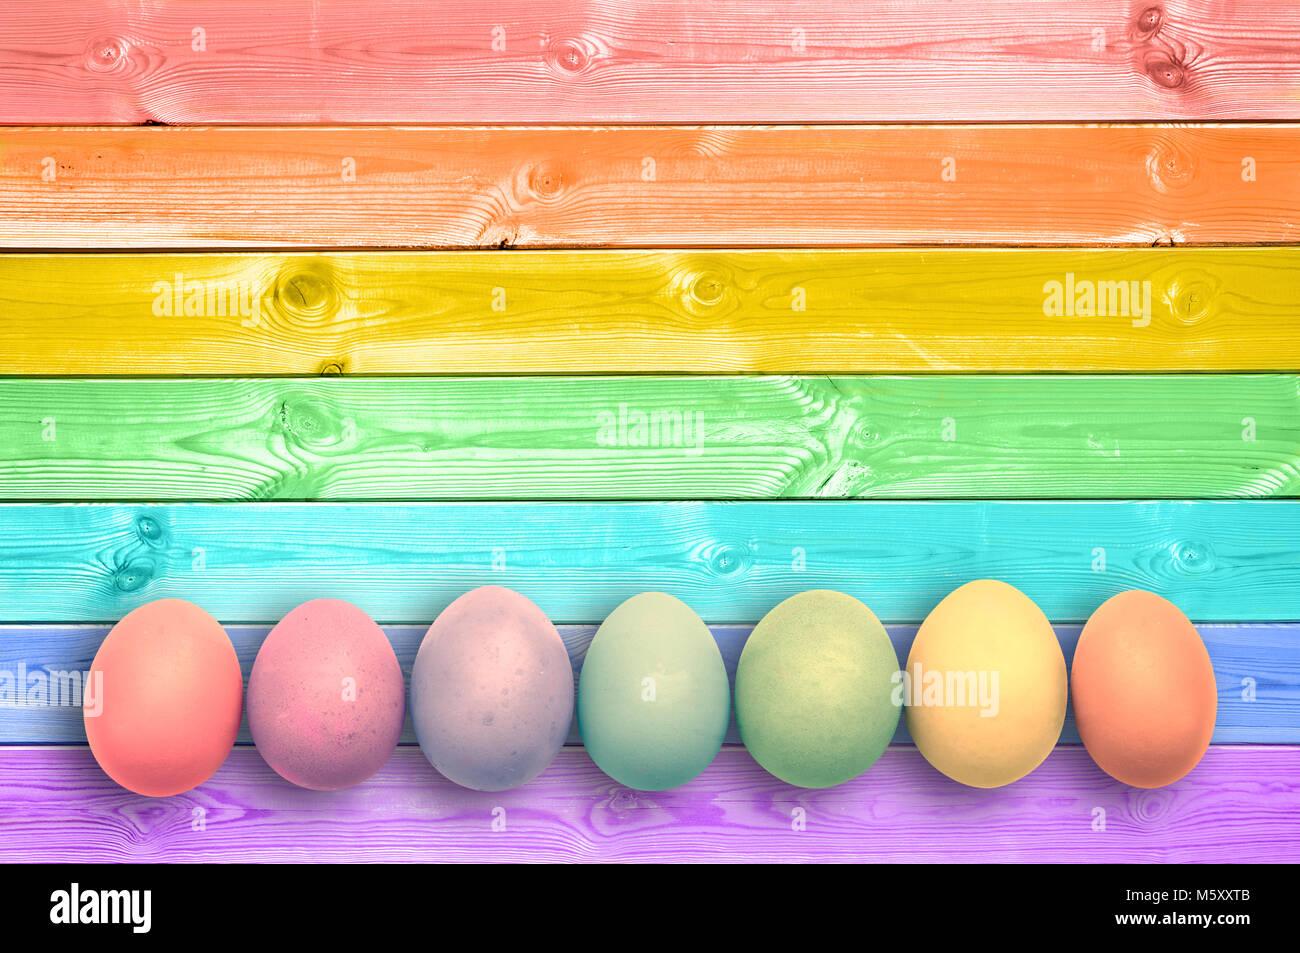 Fondos De Pantalla Rosas Tablones De Madera Rosa Color: Arco Iris De Colores Pastel De Fondo Los Tablones De